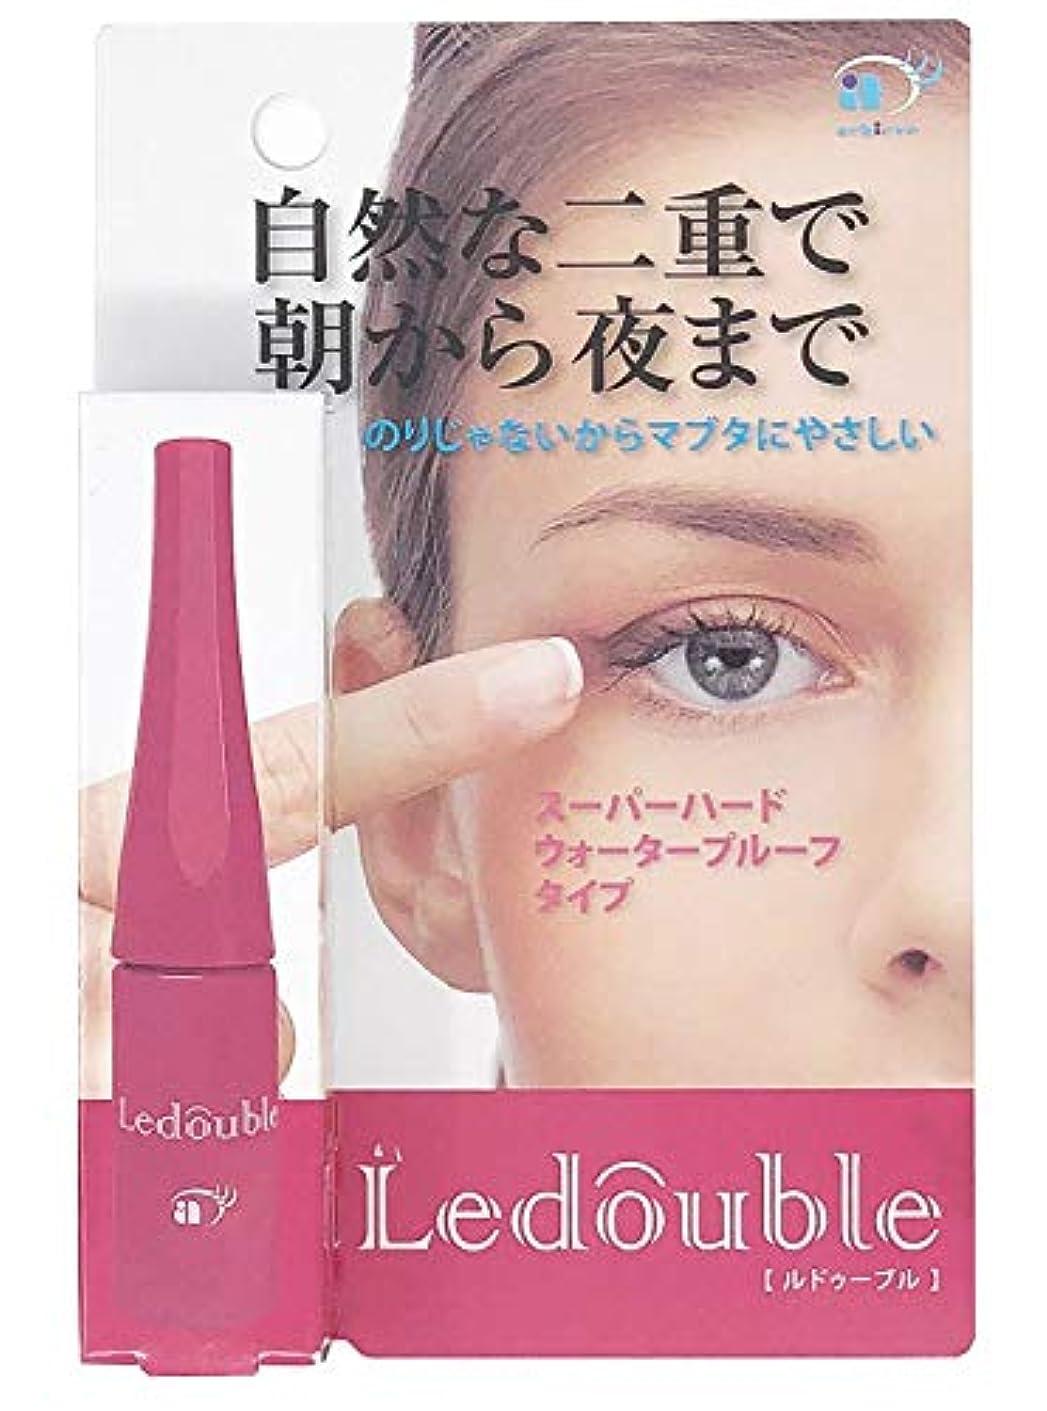 したがって虫を数える伝記Ledouble【ルドゥーブル】二重まぶた化粧品(4mL)